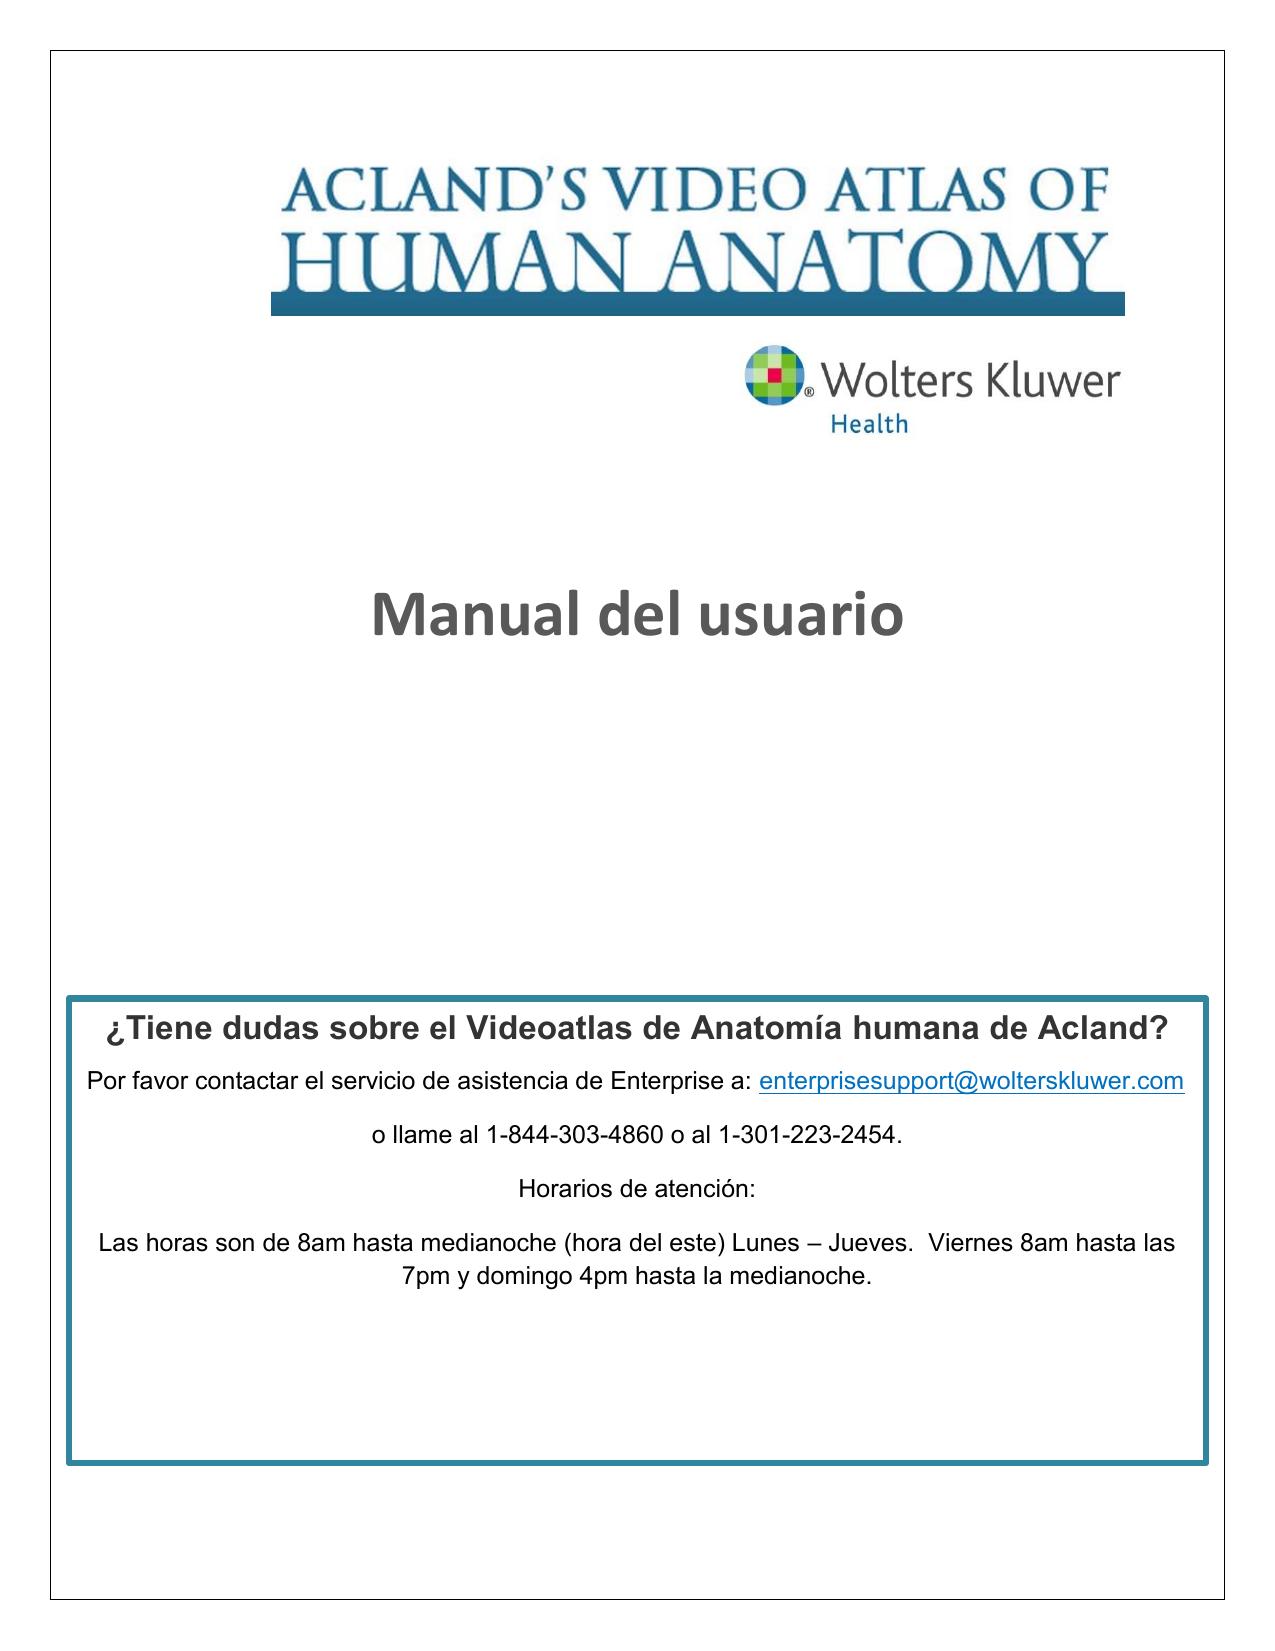 Manual del usuario - Acland. Video Atlas De Anatomia Humana ...